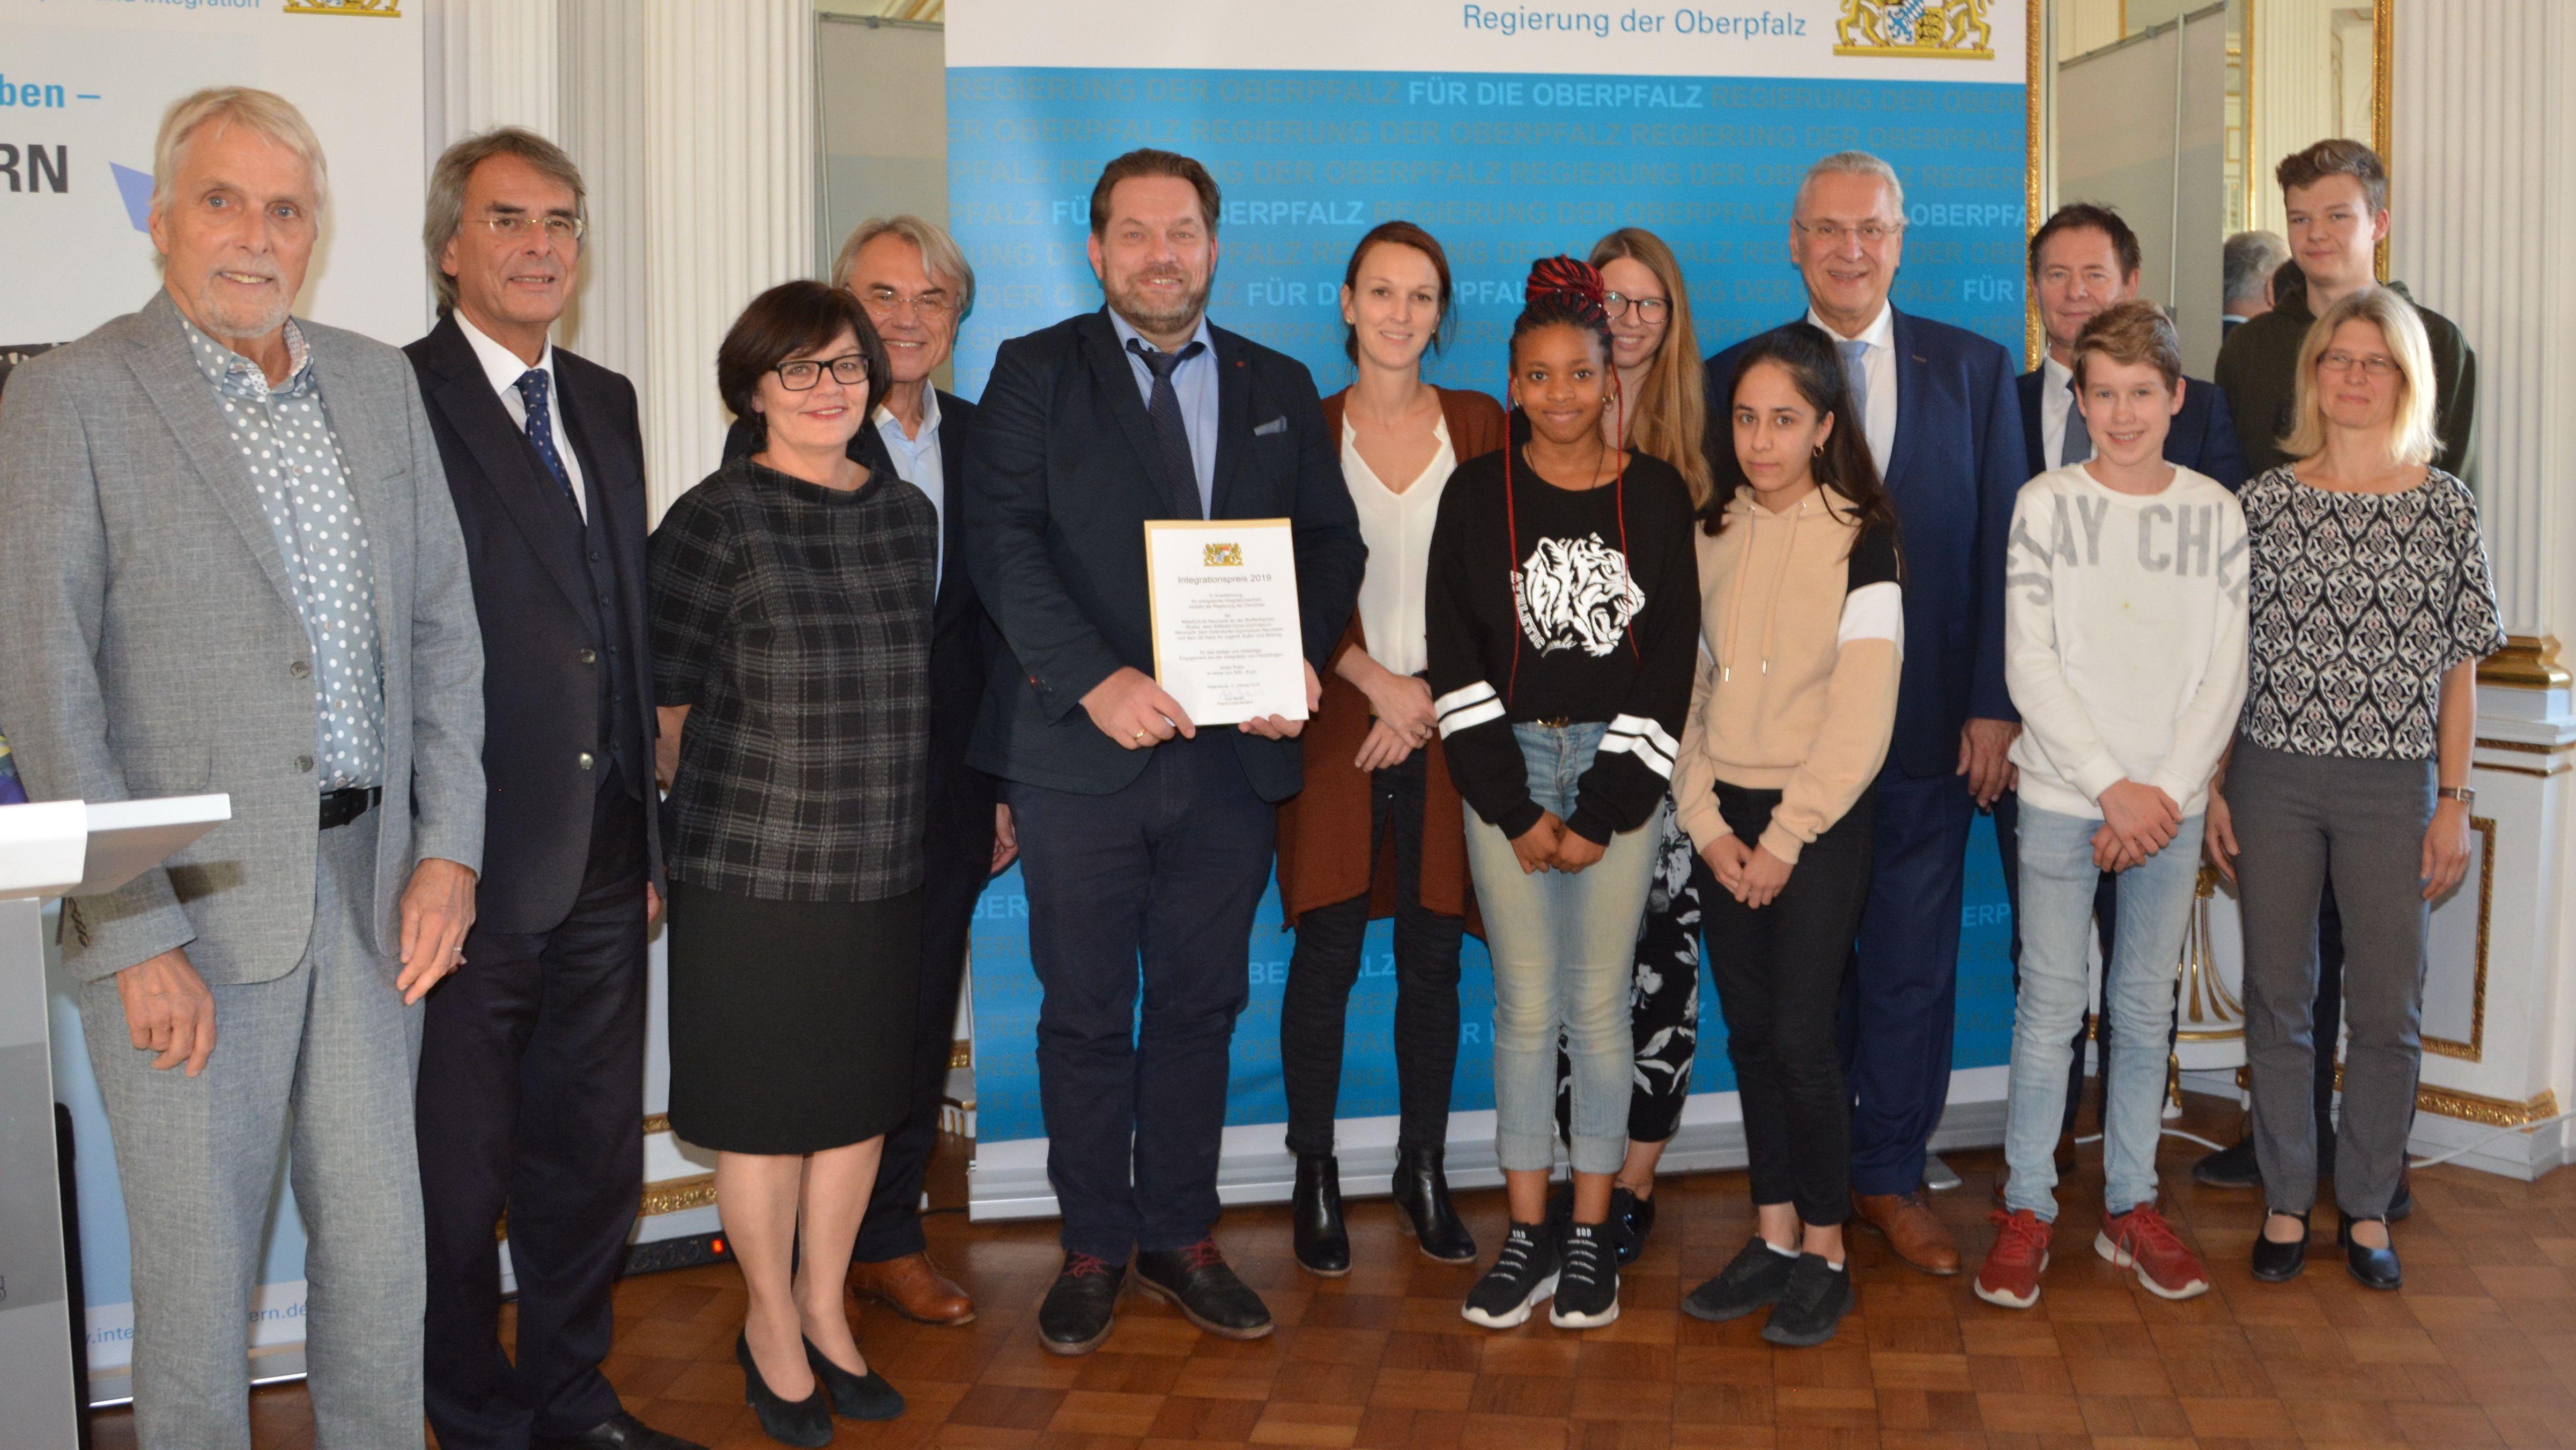 Ein Preis ging an die Mittelschule und das Gymnasium in Neumarkt.